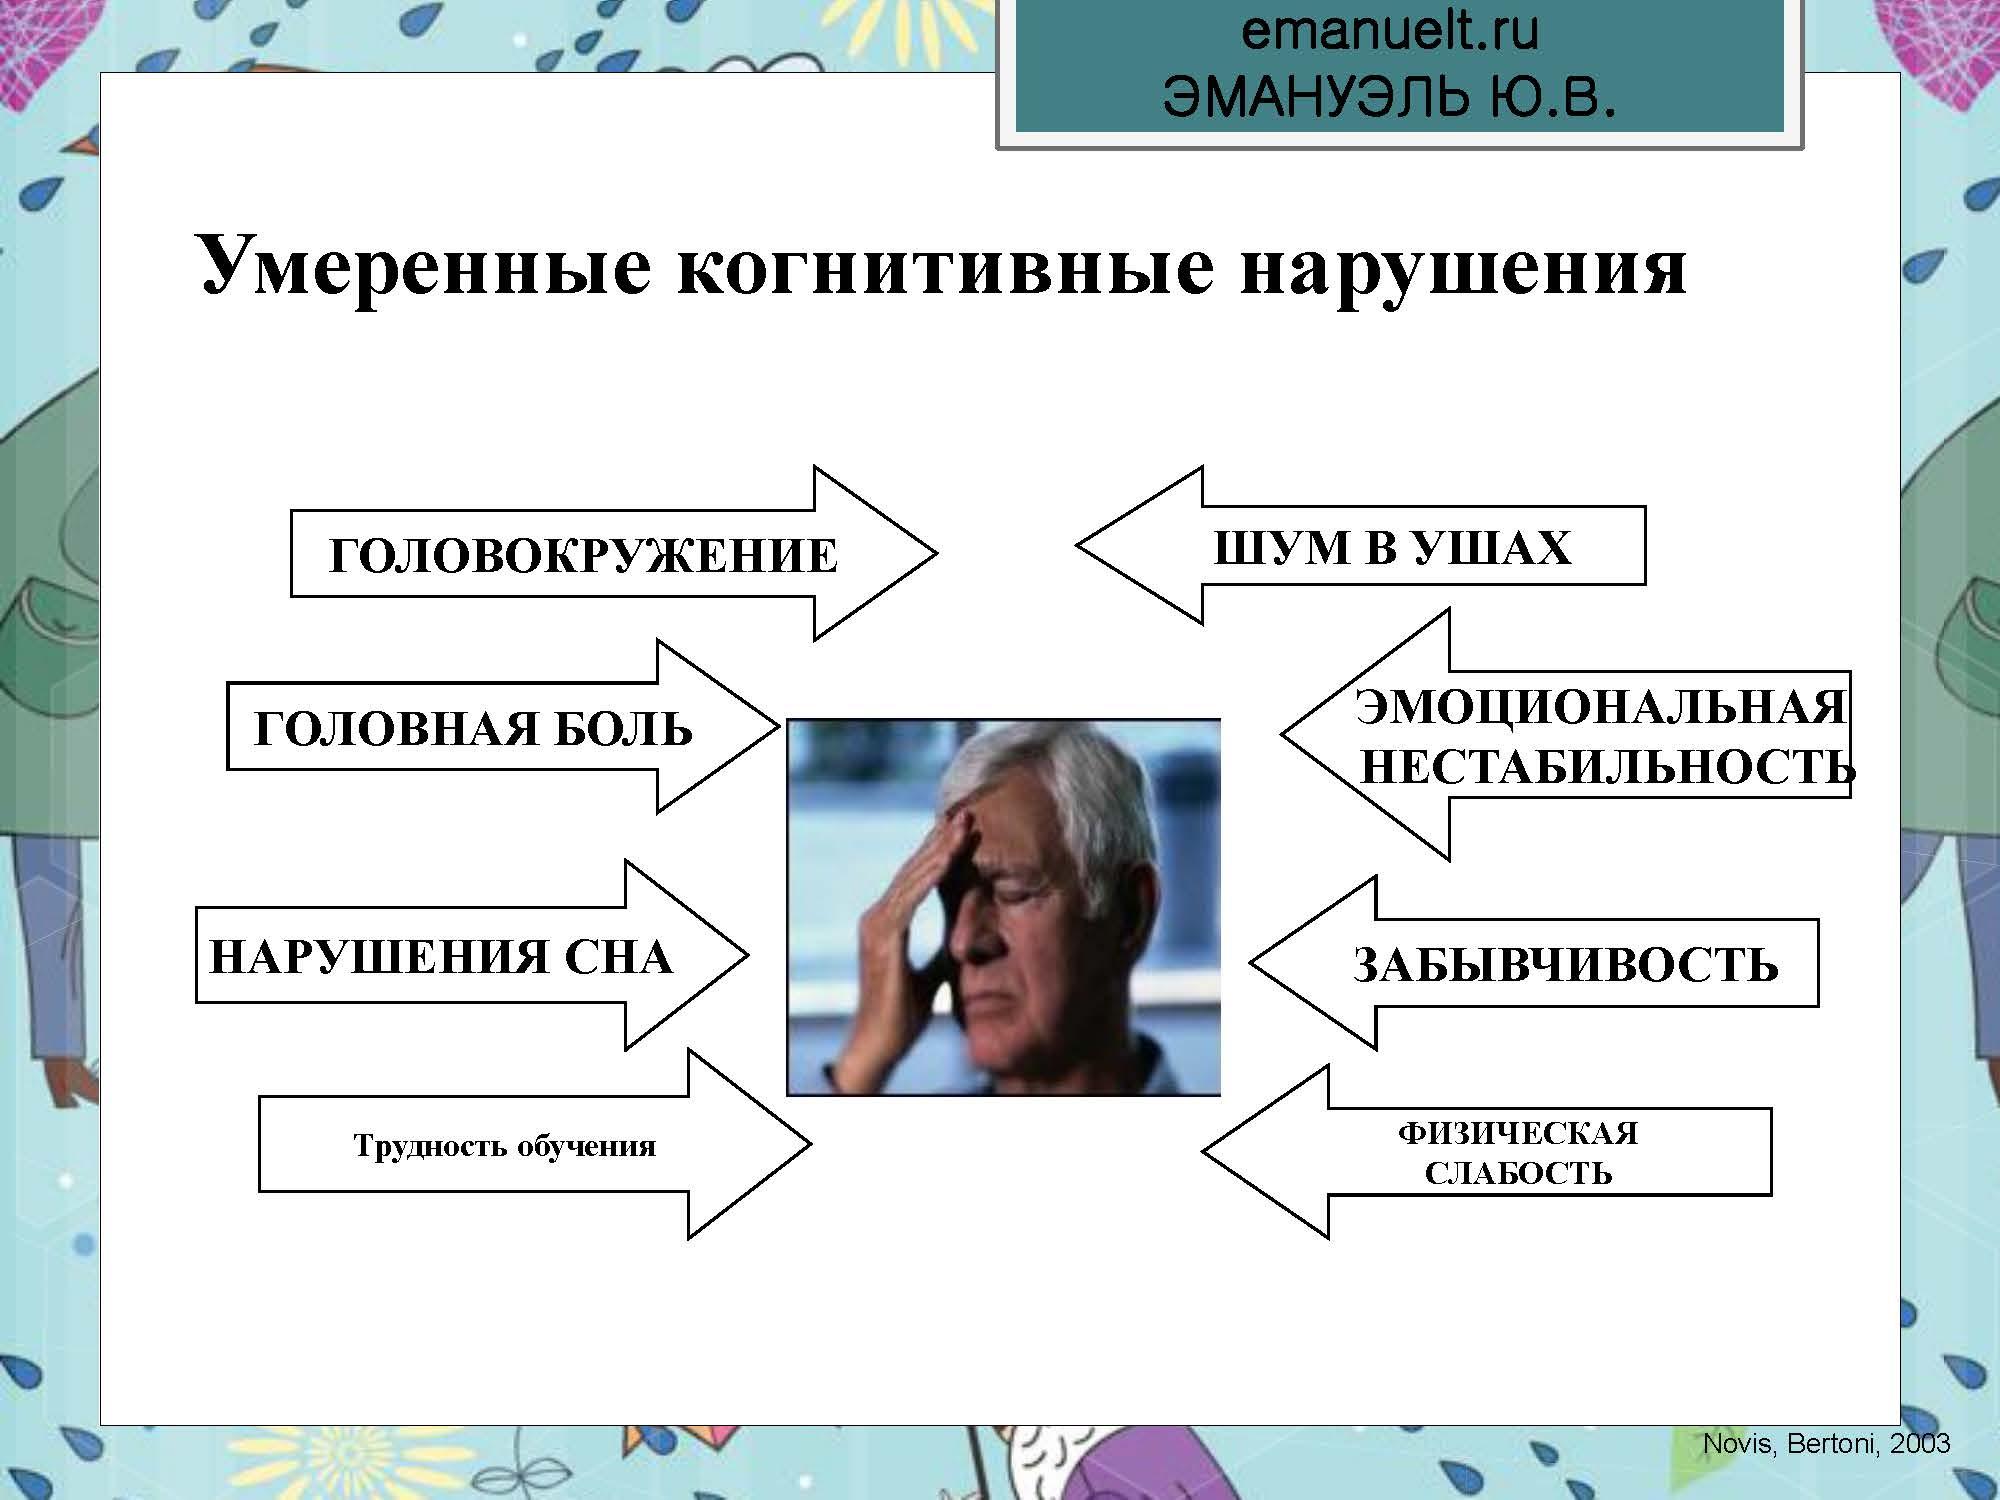 Секция 8. ЭЮВ. СПбГМУ.  26.03_Страница_05